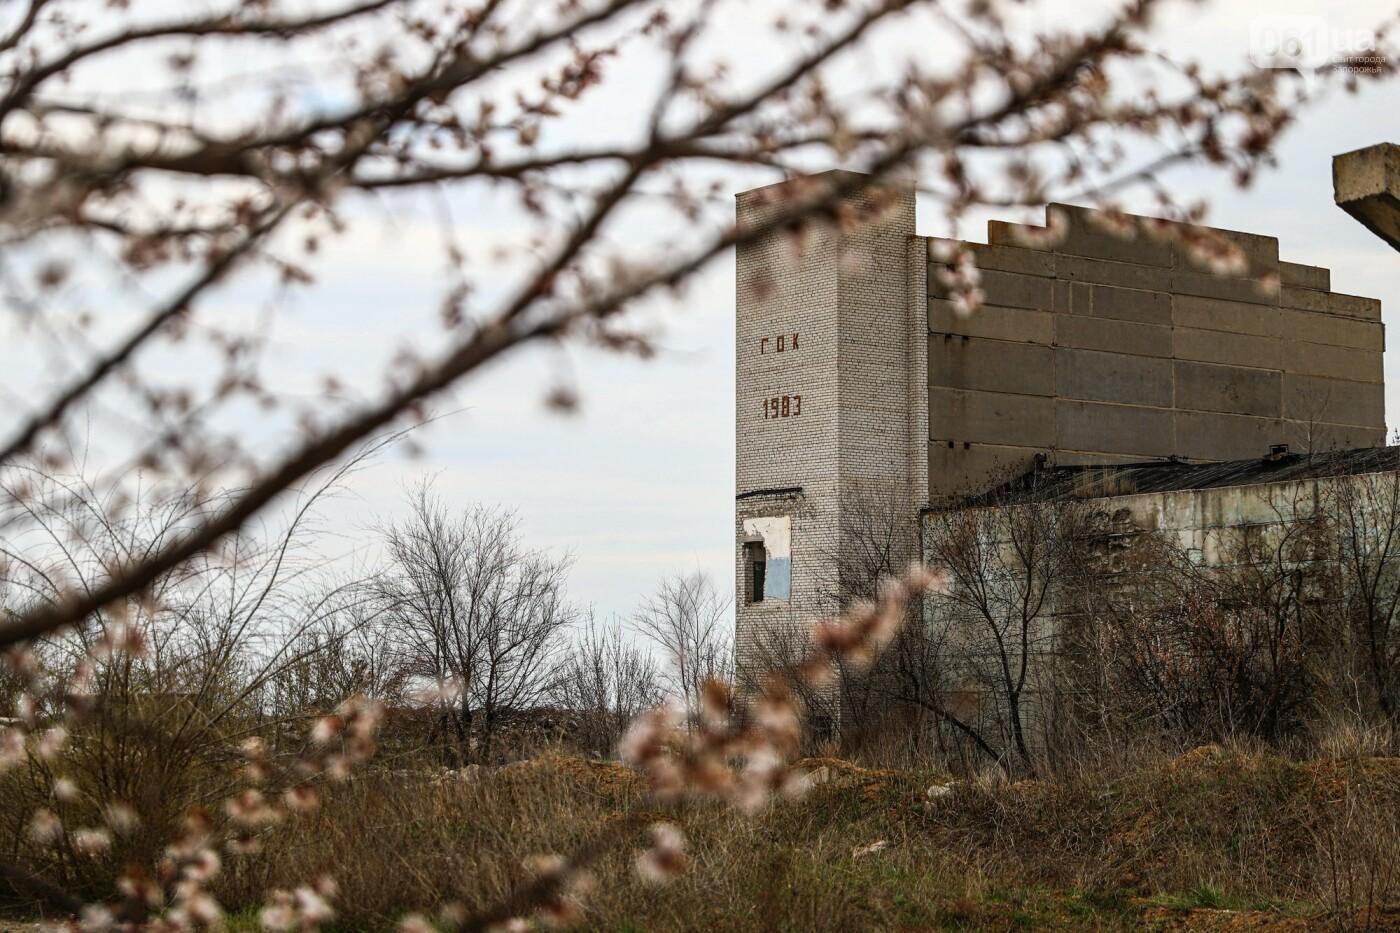 Монтаж первого пролета вантового моста, транспортный локдаун и репортаж из заброшенной шахты: апрель в фотографиях, фото-90